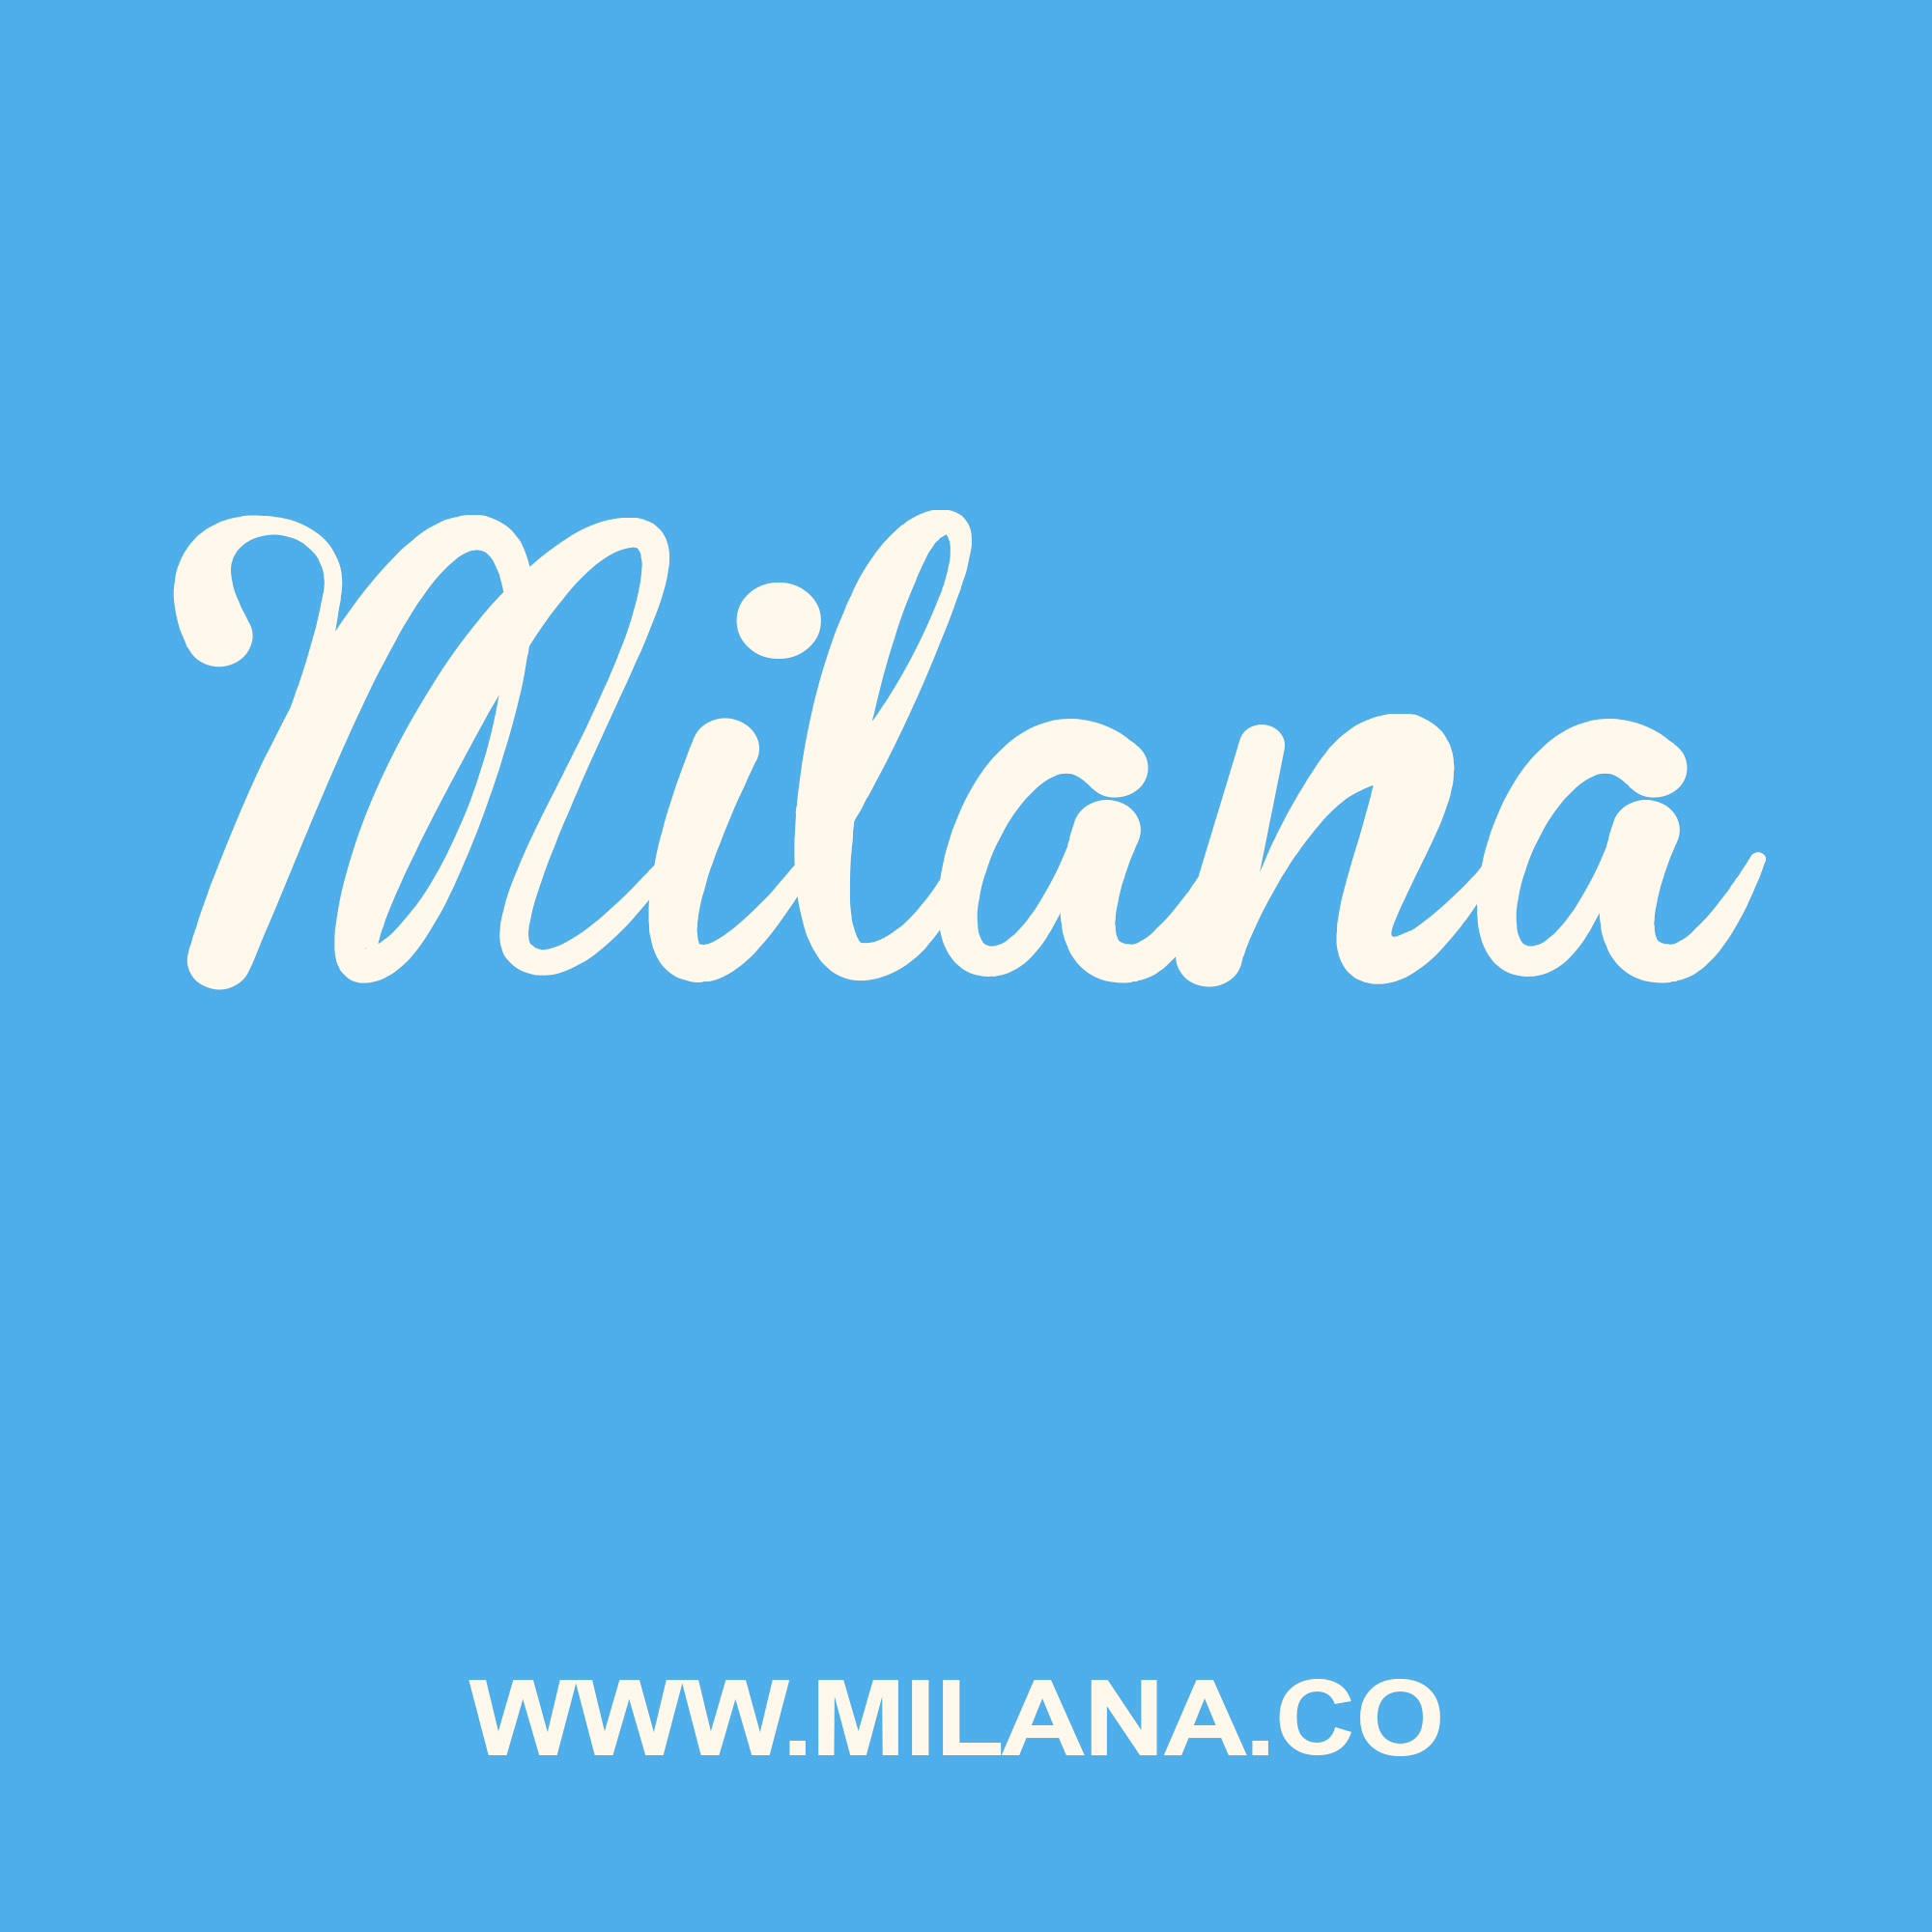 Название марки молодежной женской одежды фото f_58054aafcbb3db39.jpg